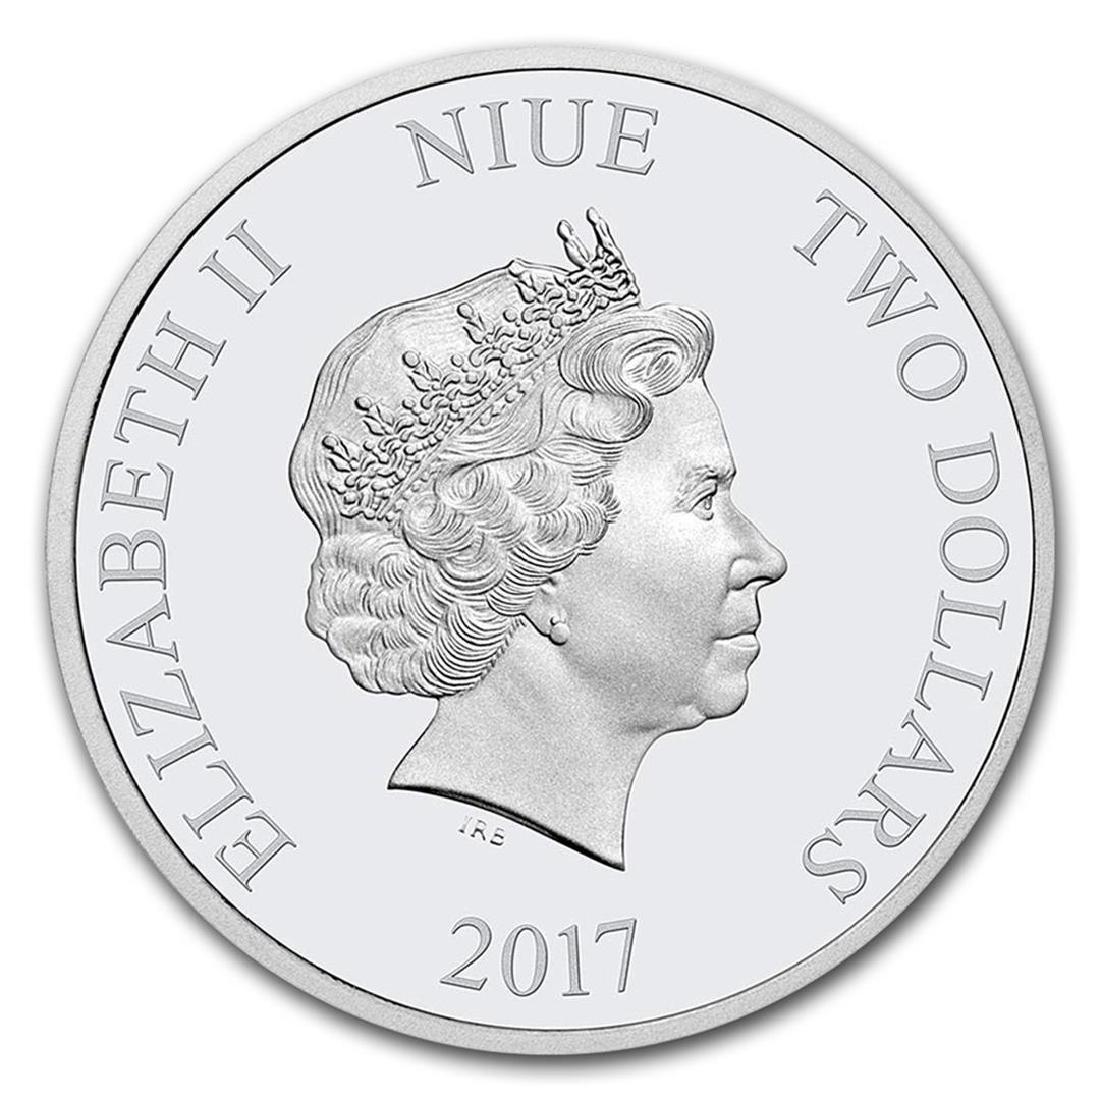 2017 Niue 1 oz Silver $2 Disney Love Coin - 2